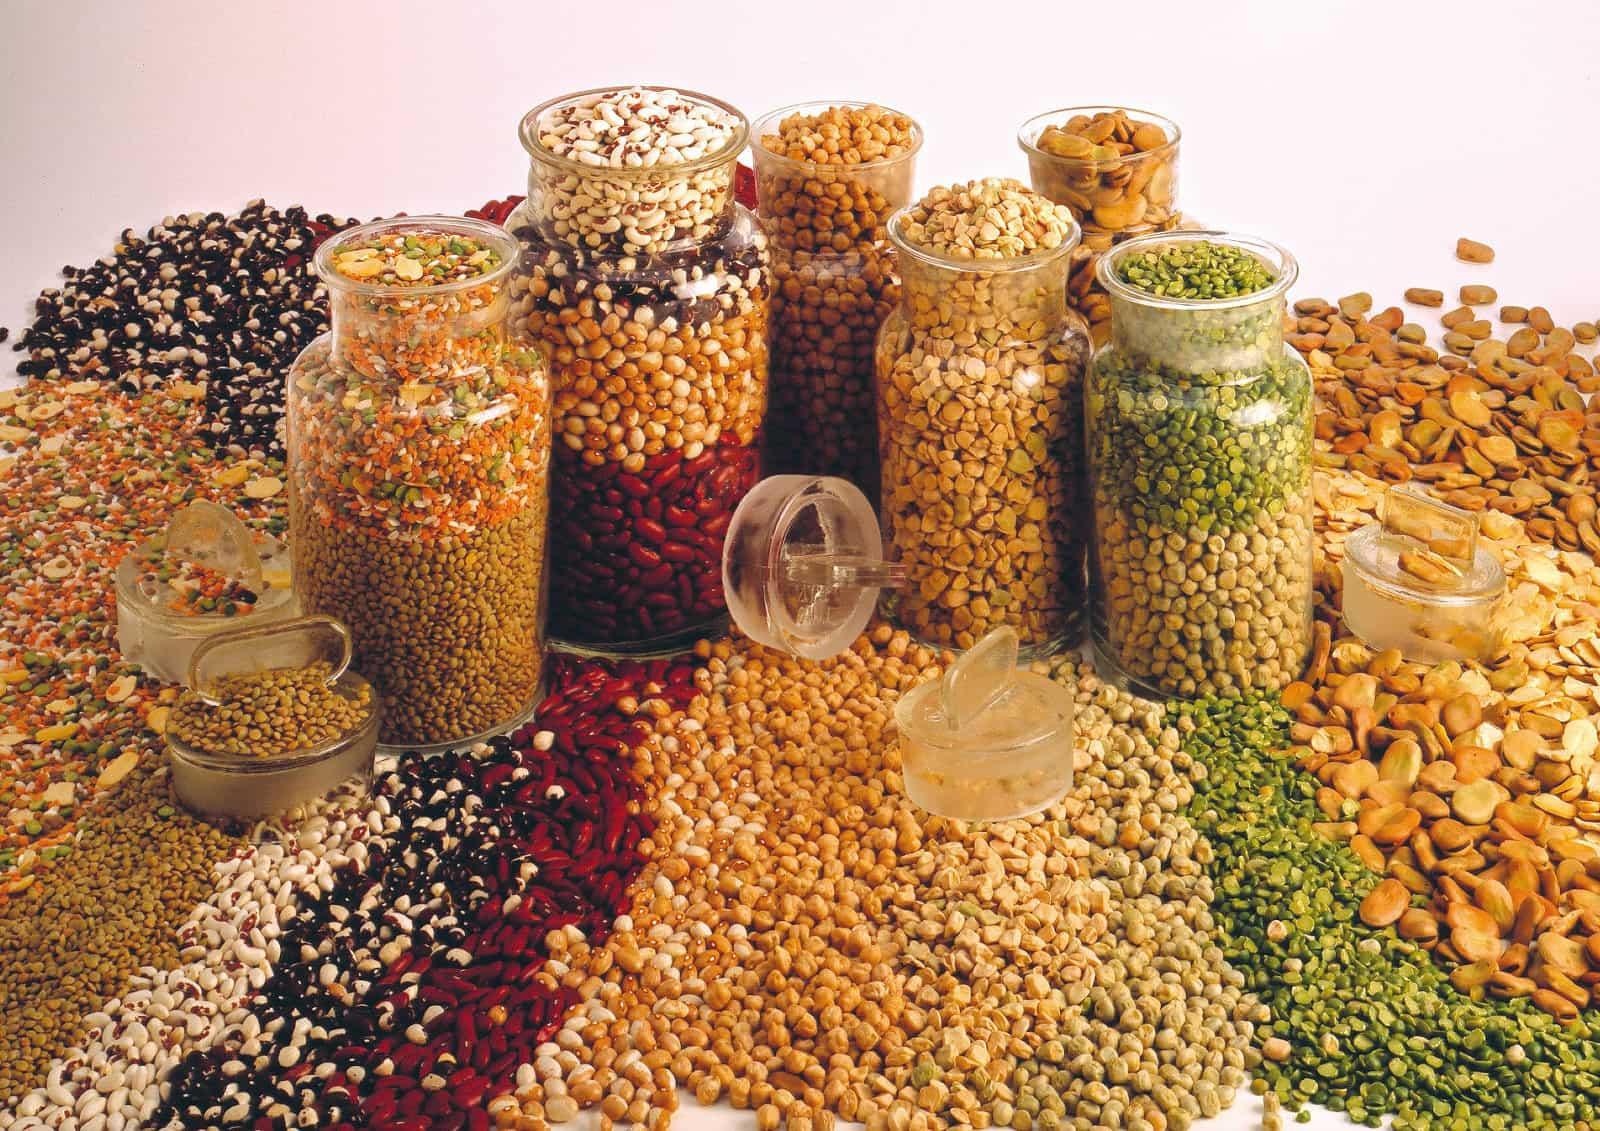 la-riserva-del-re-vendita-legumi-in-sicilia-min.jpg